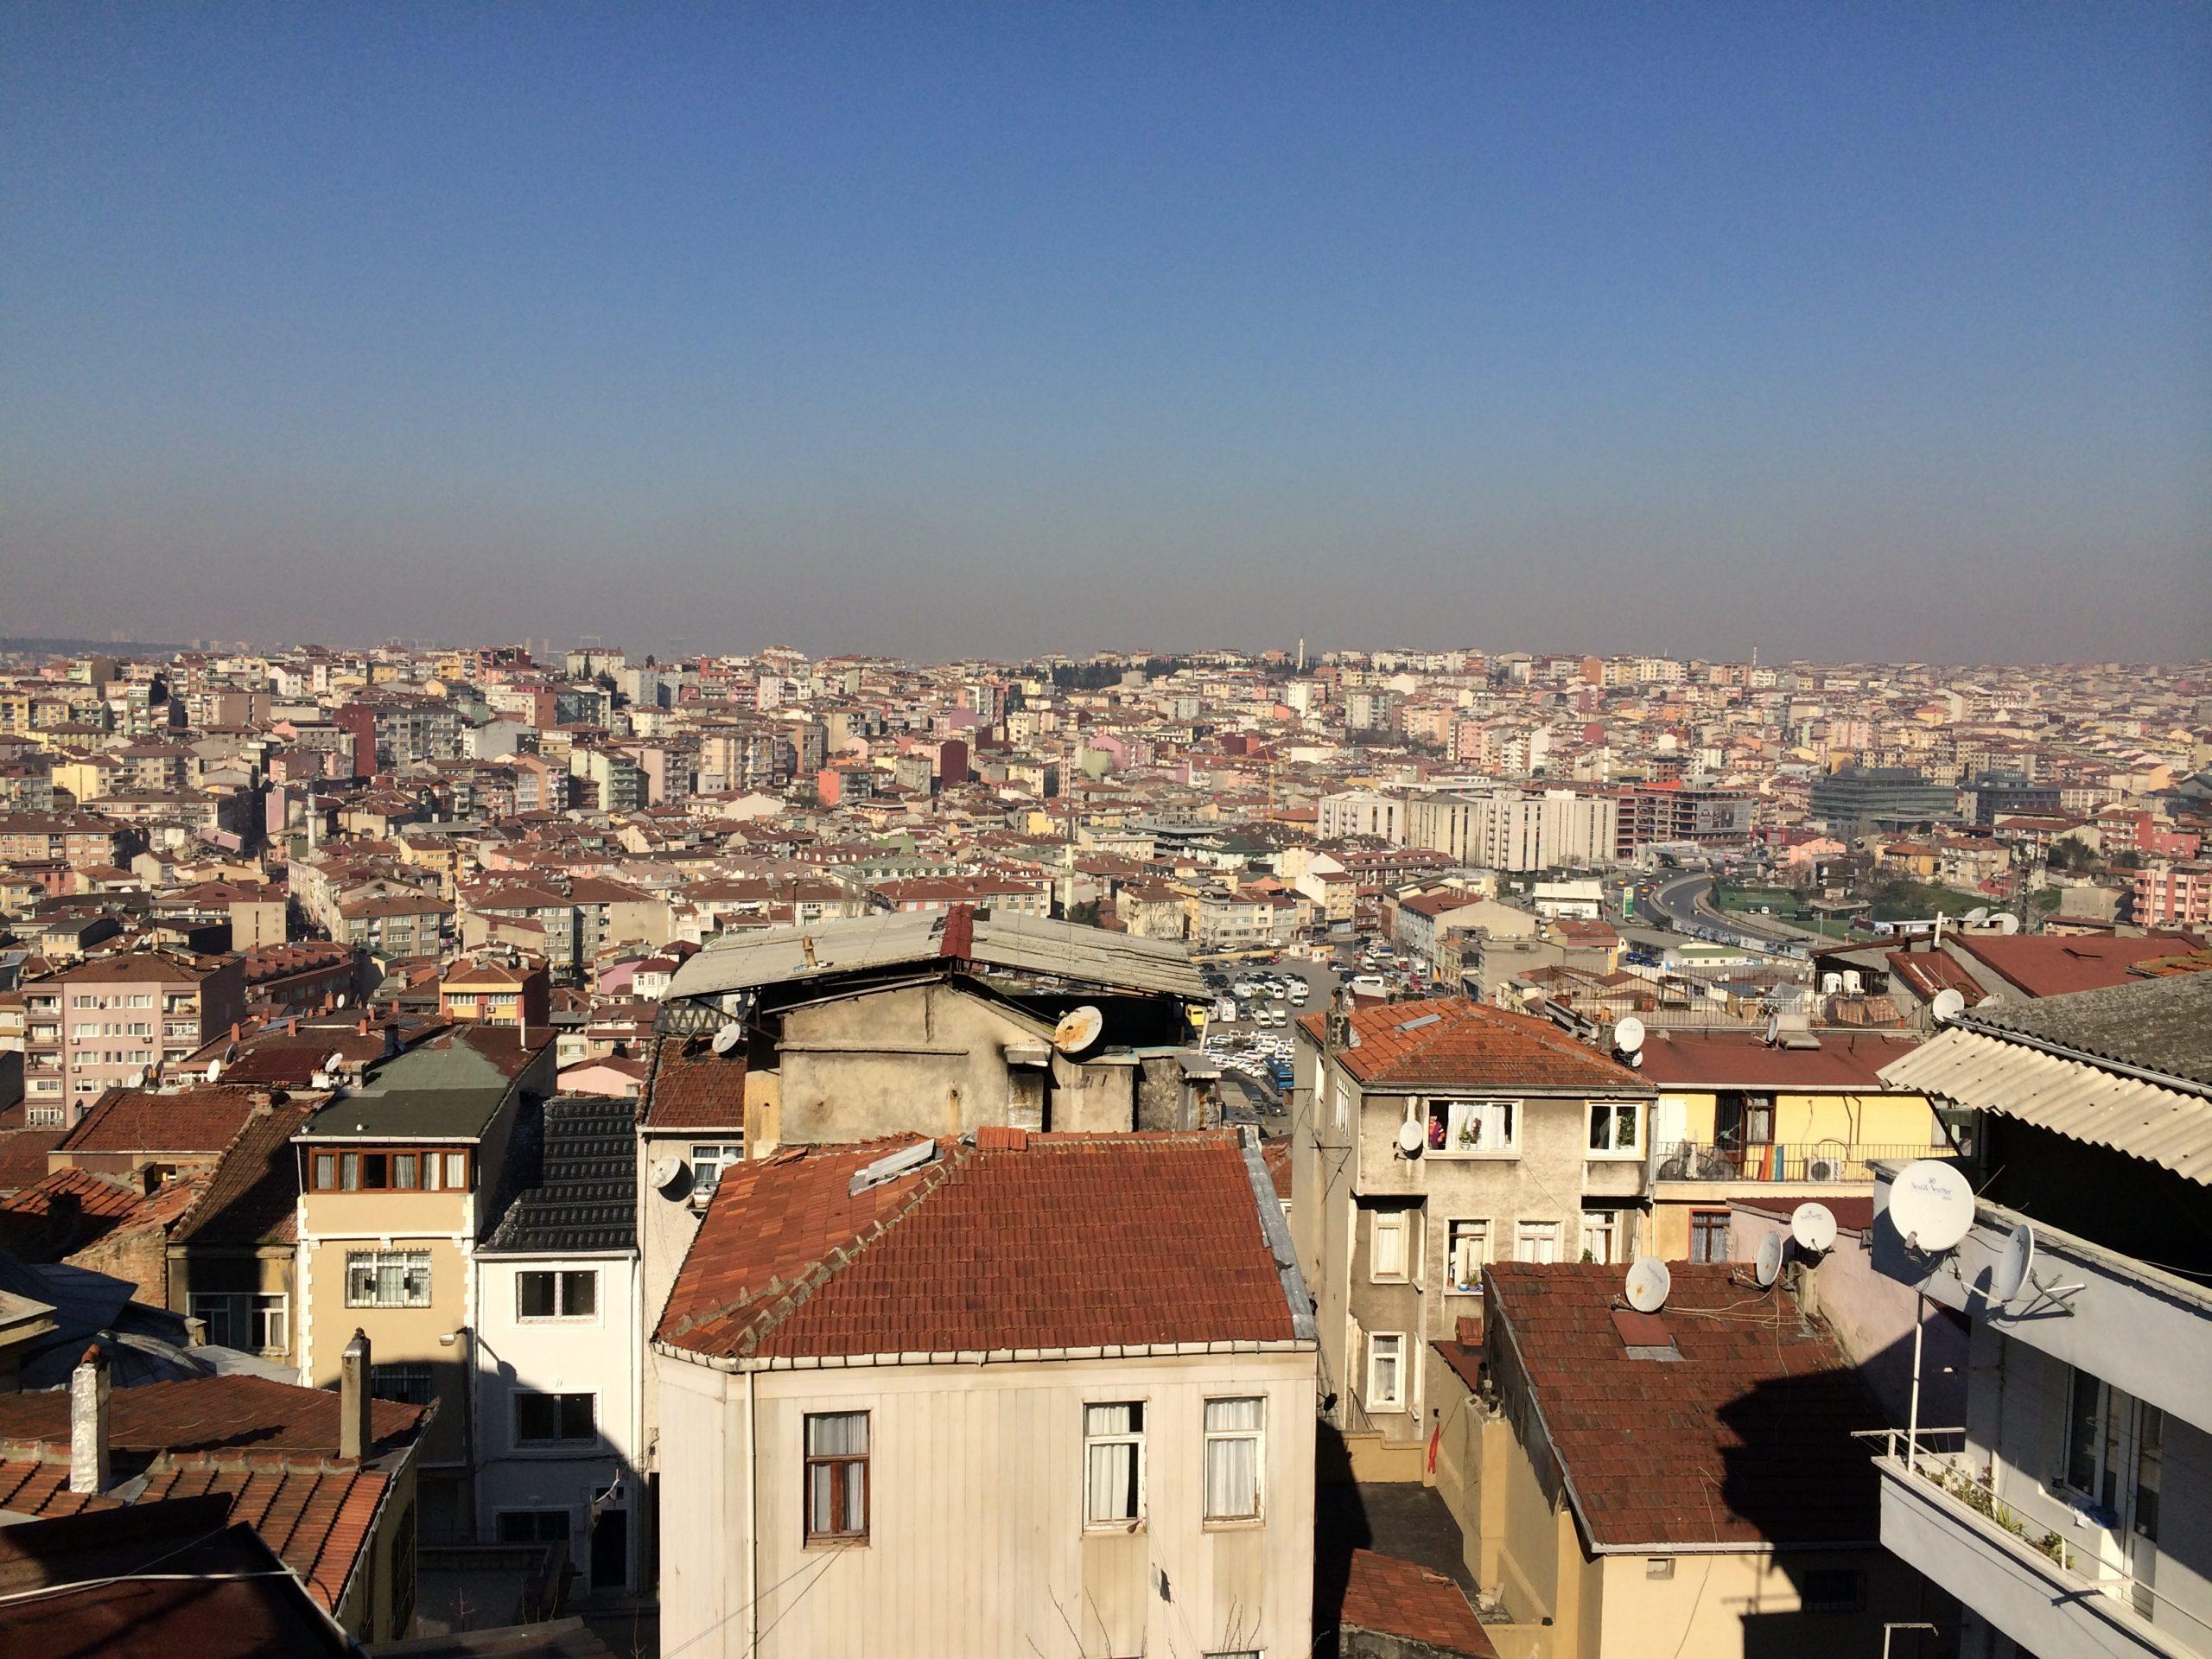 Квартира в аренду в Стамбуле с видом на город